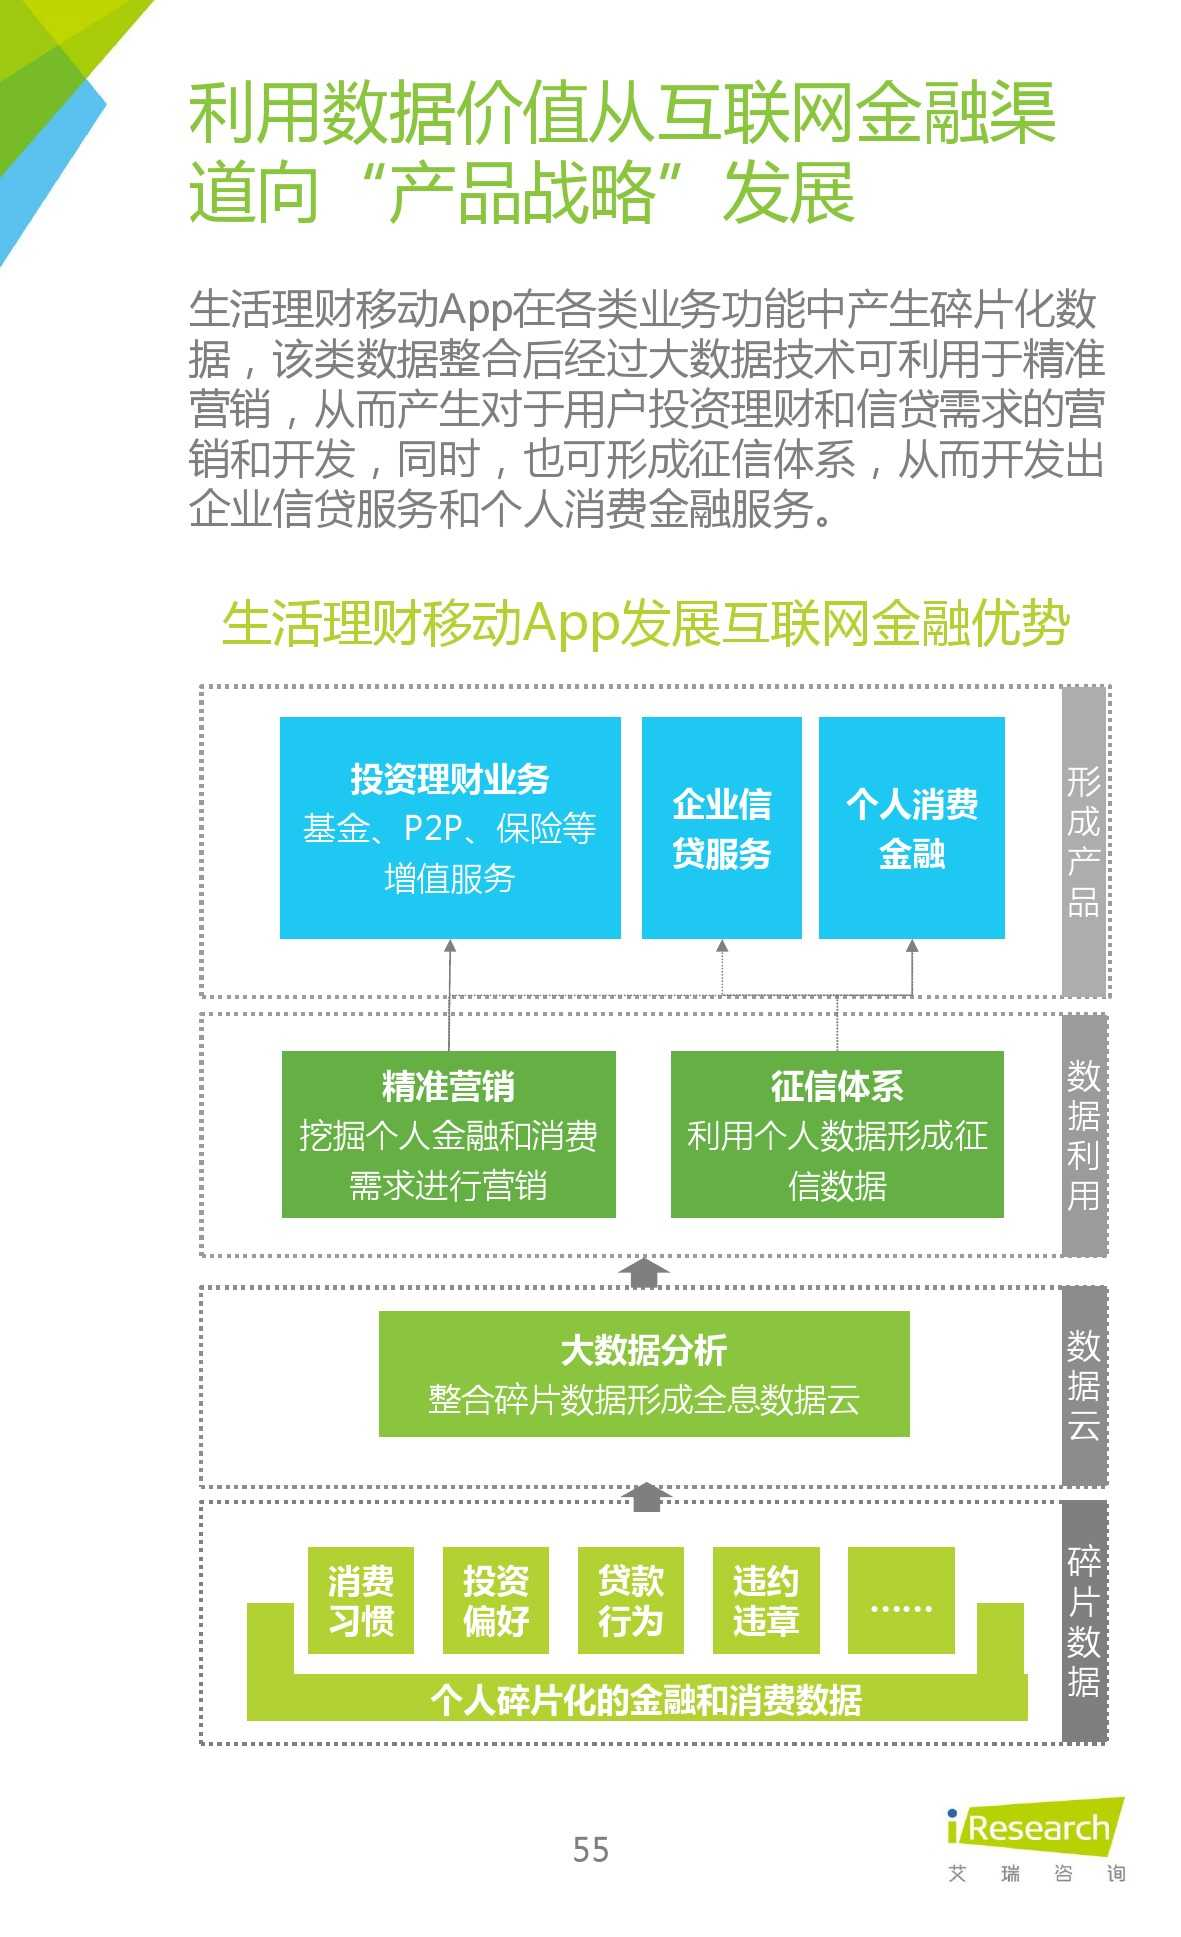 2015年中国生活理财移动App行业研究报告_000055